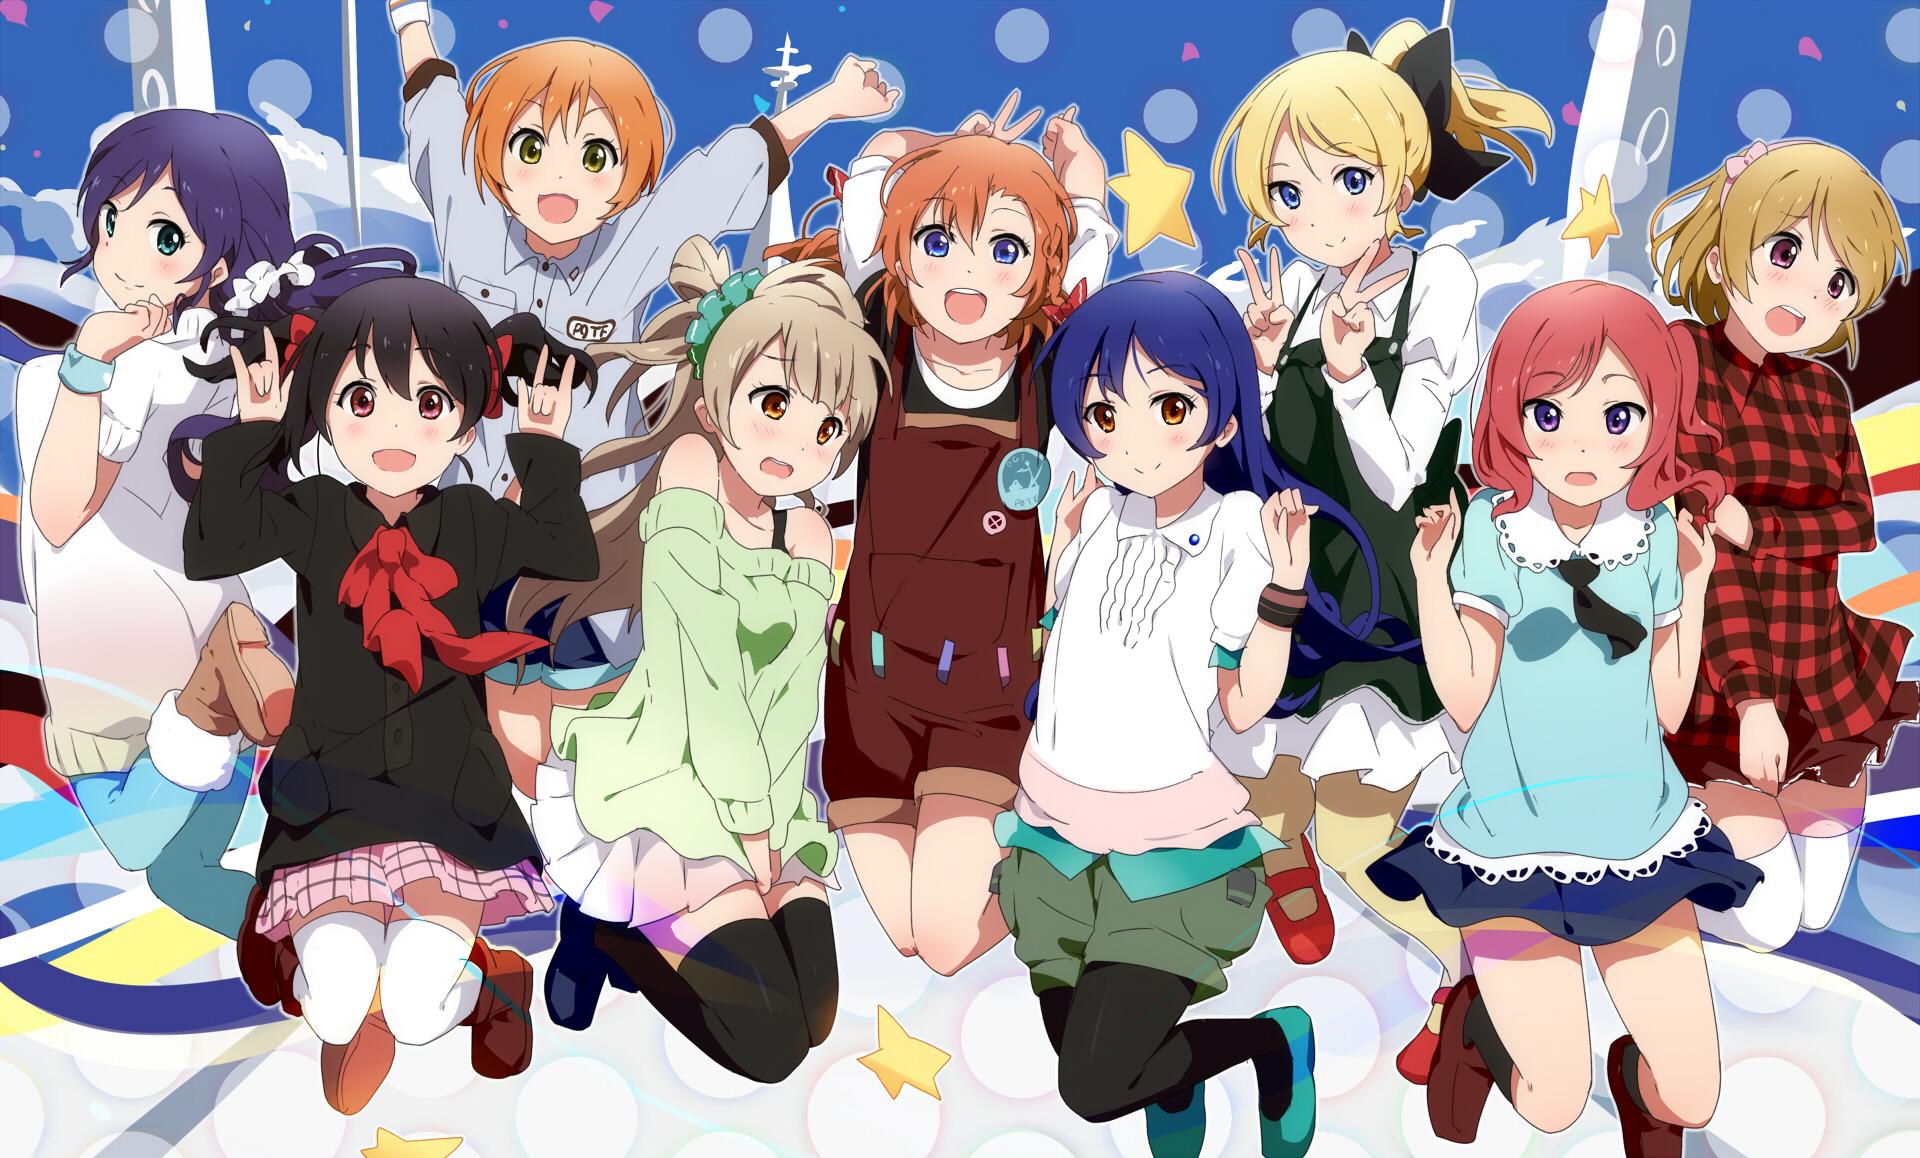 Love Live School Idol Project Wallpaper - WallpaperSafari